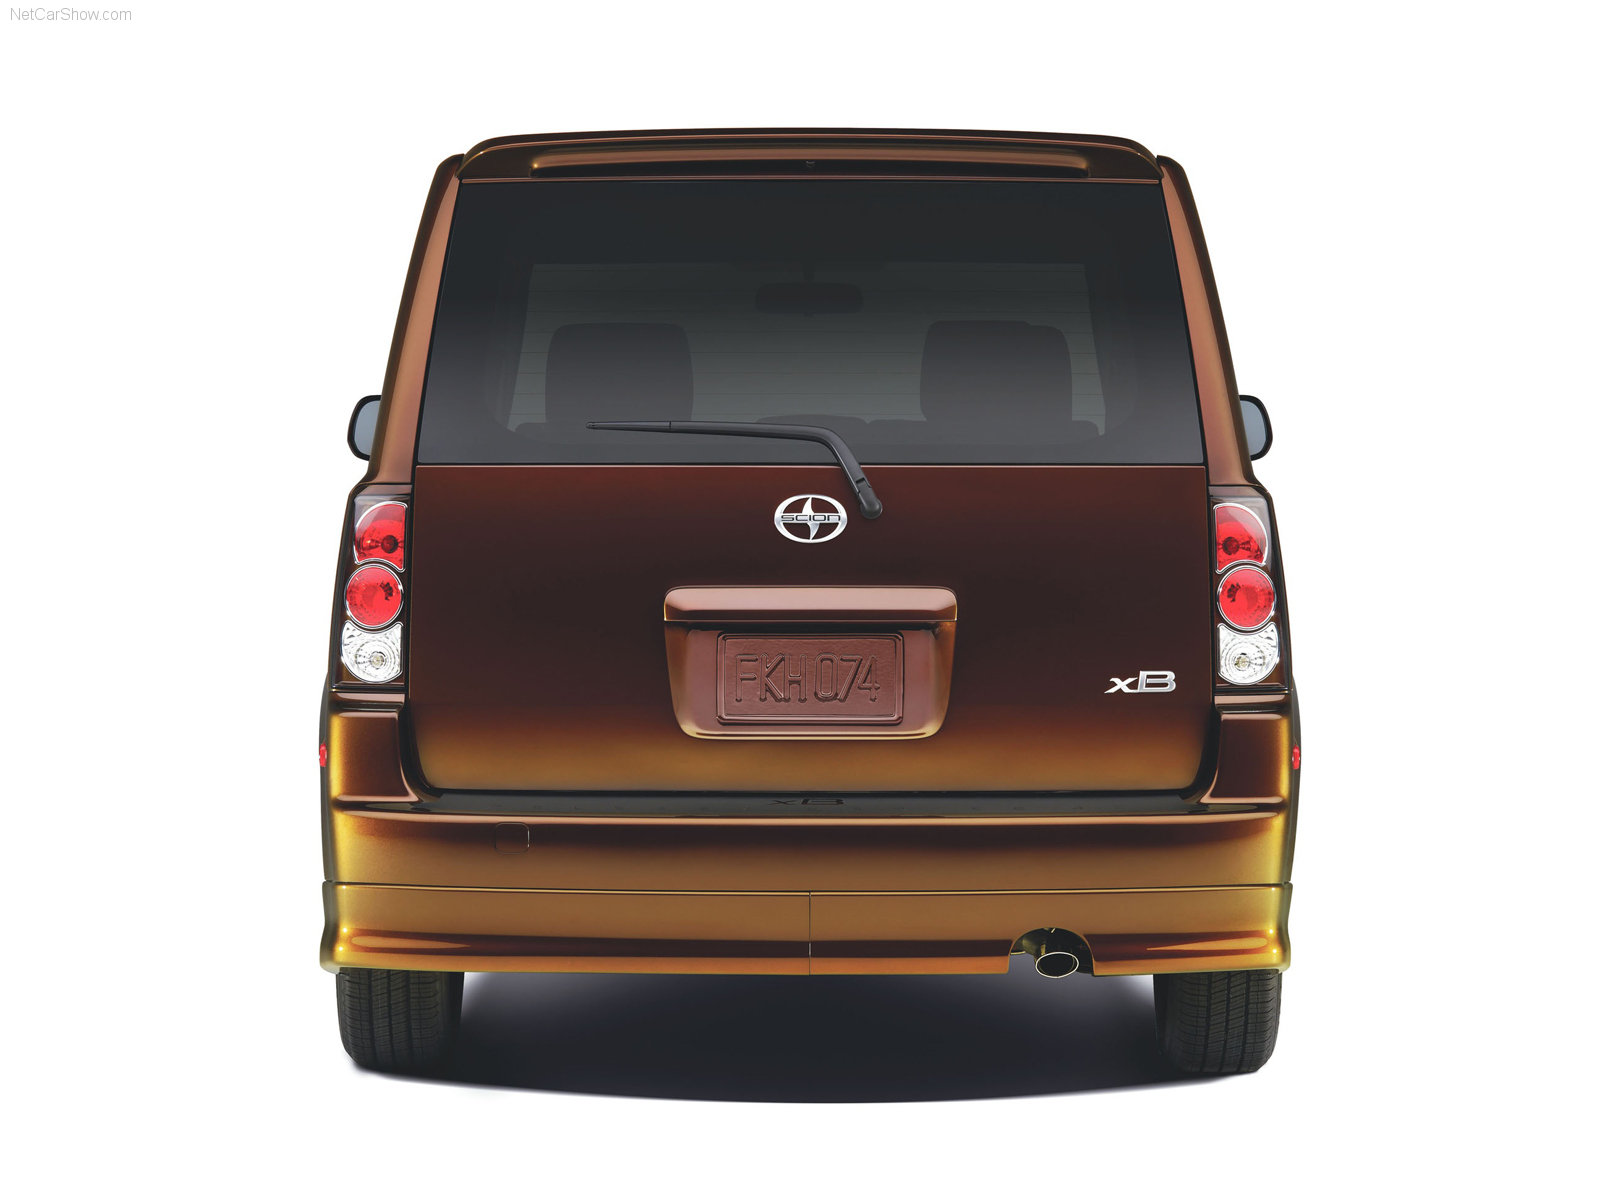 Hình ảnh xe ô tô Scion xB RS 4.0 2006 & nội ngoại thất